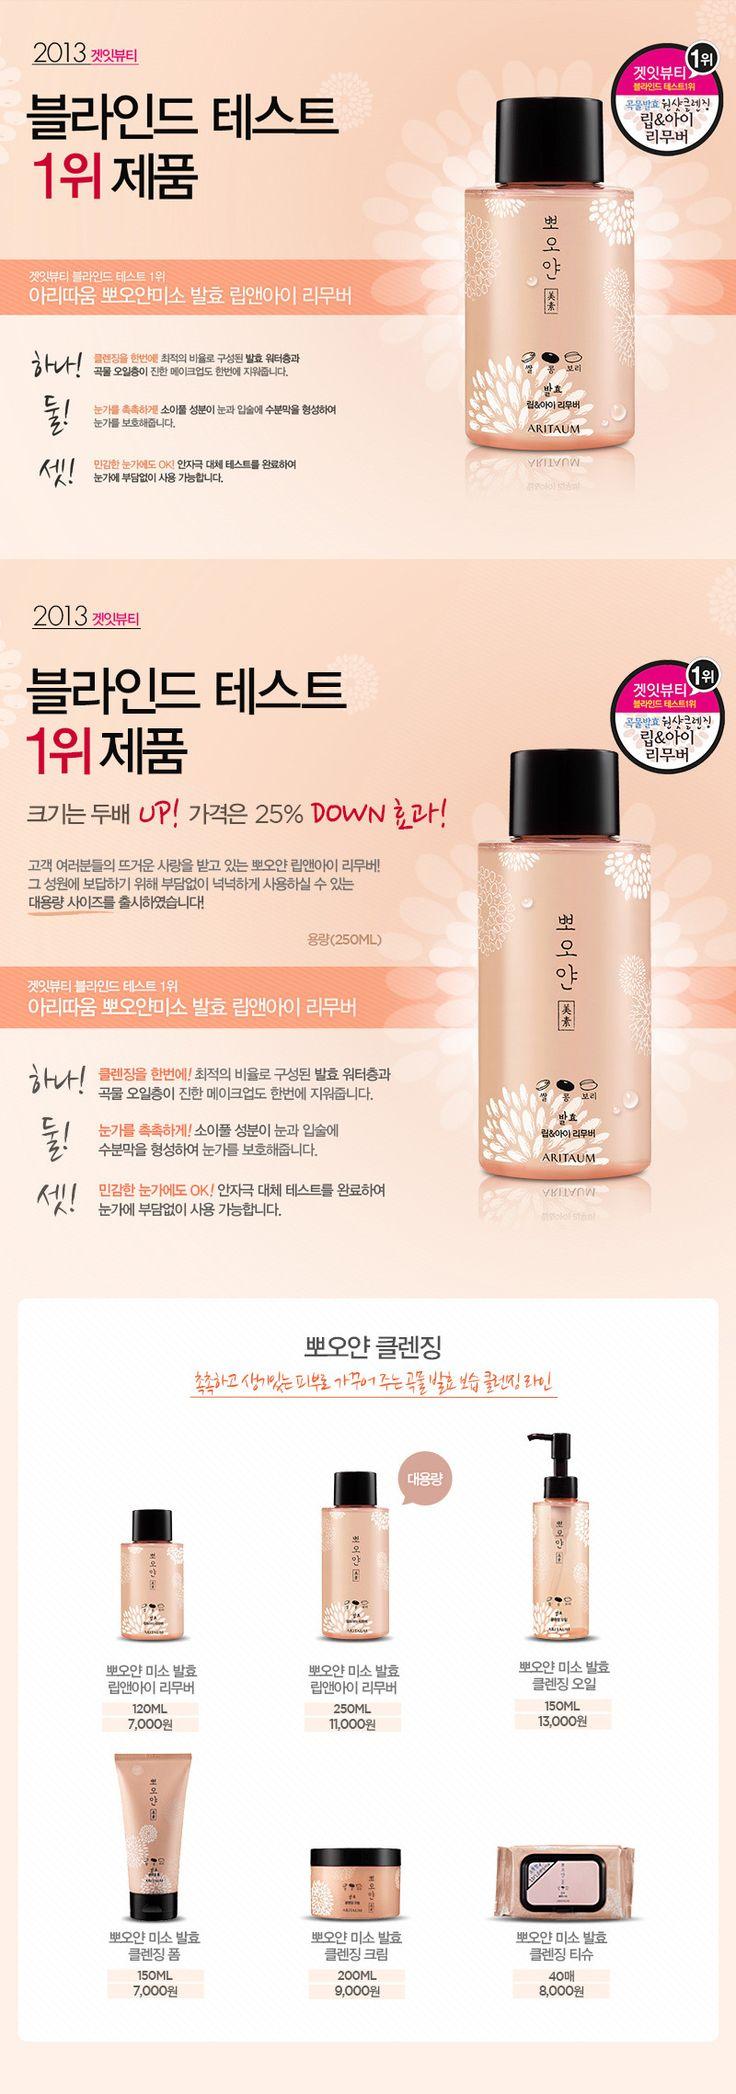 뽀오얀 미소 발효 립 & 아이 리무버 | 아리따움 공식 사이트